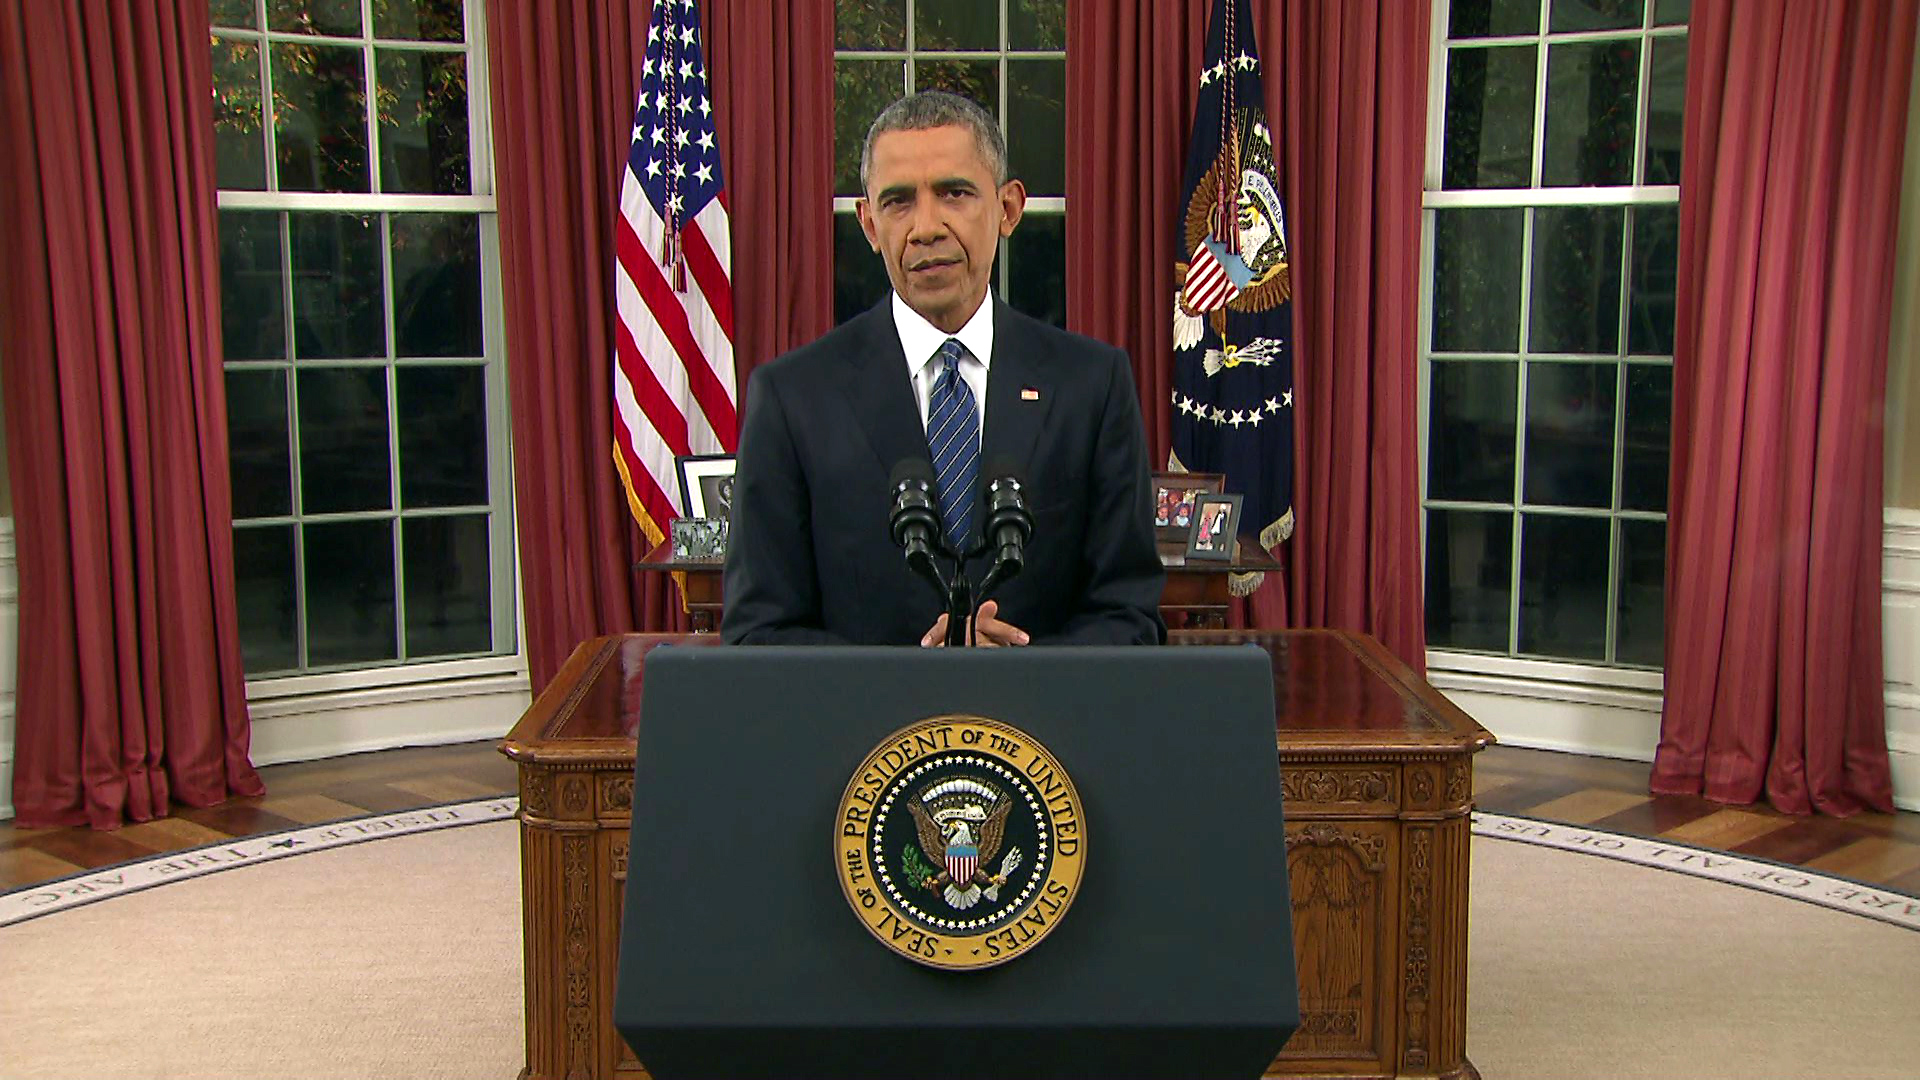 El presidente Obama puede ser clave en desenmarañar todo lo que pasó en las elecciones del 2016. (Crédito: CNN)